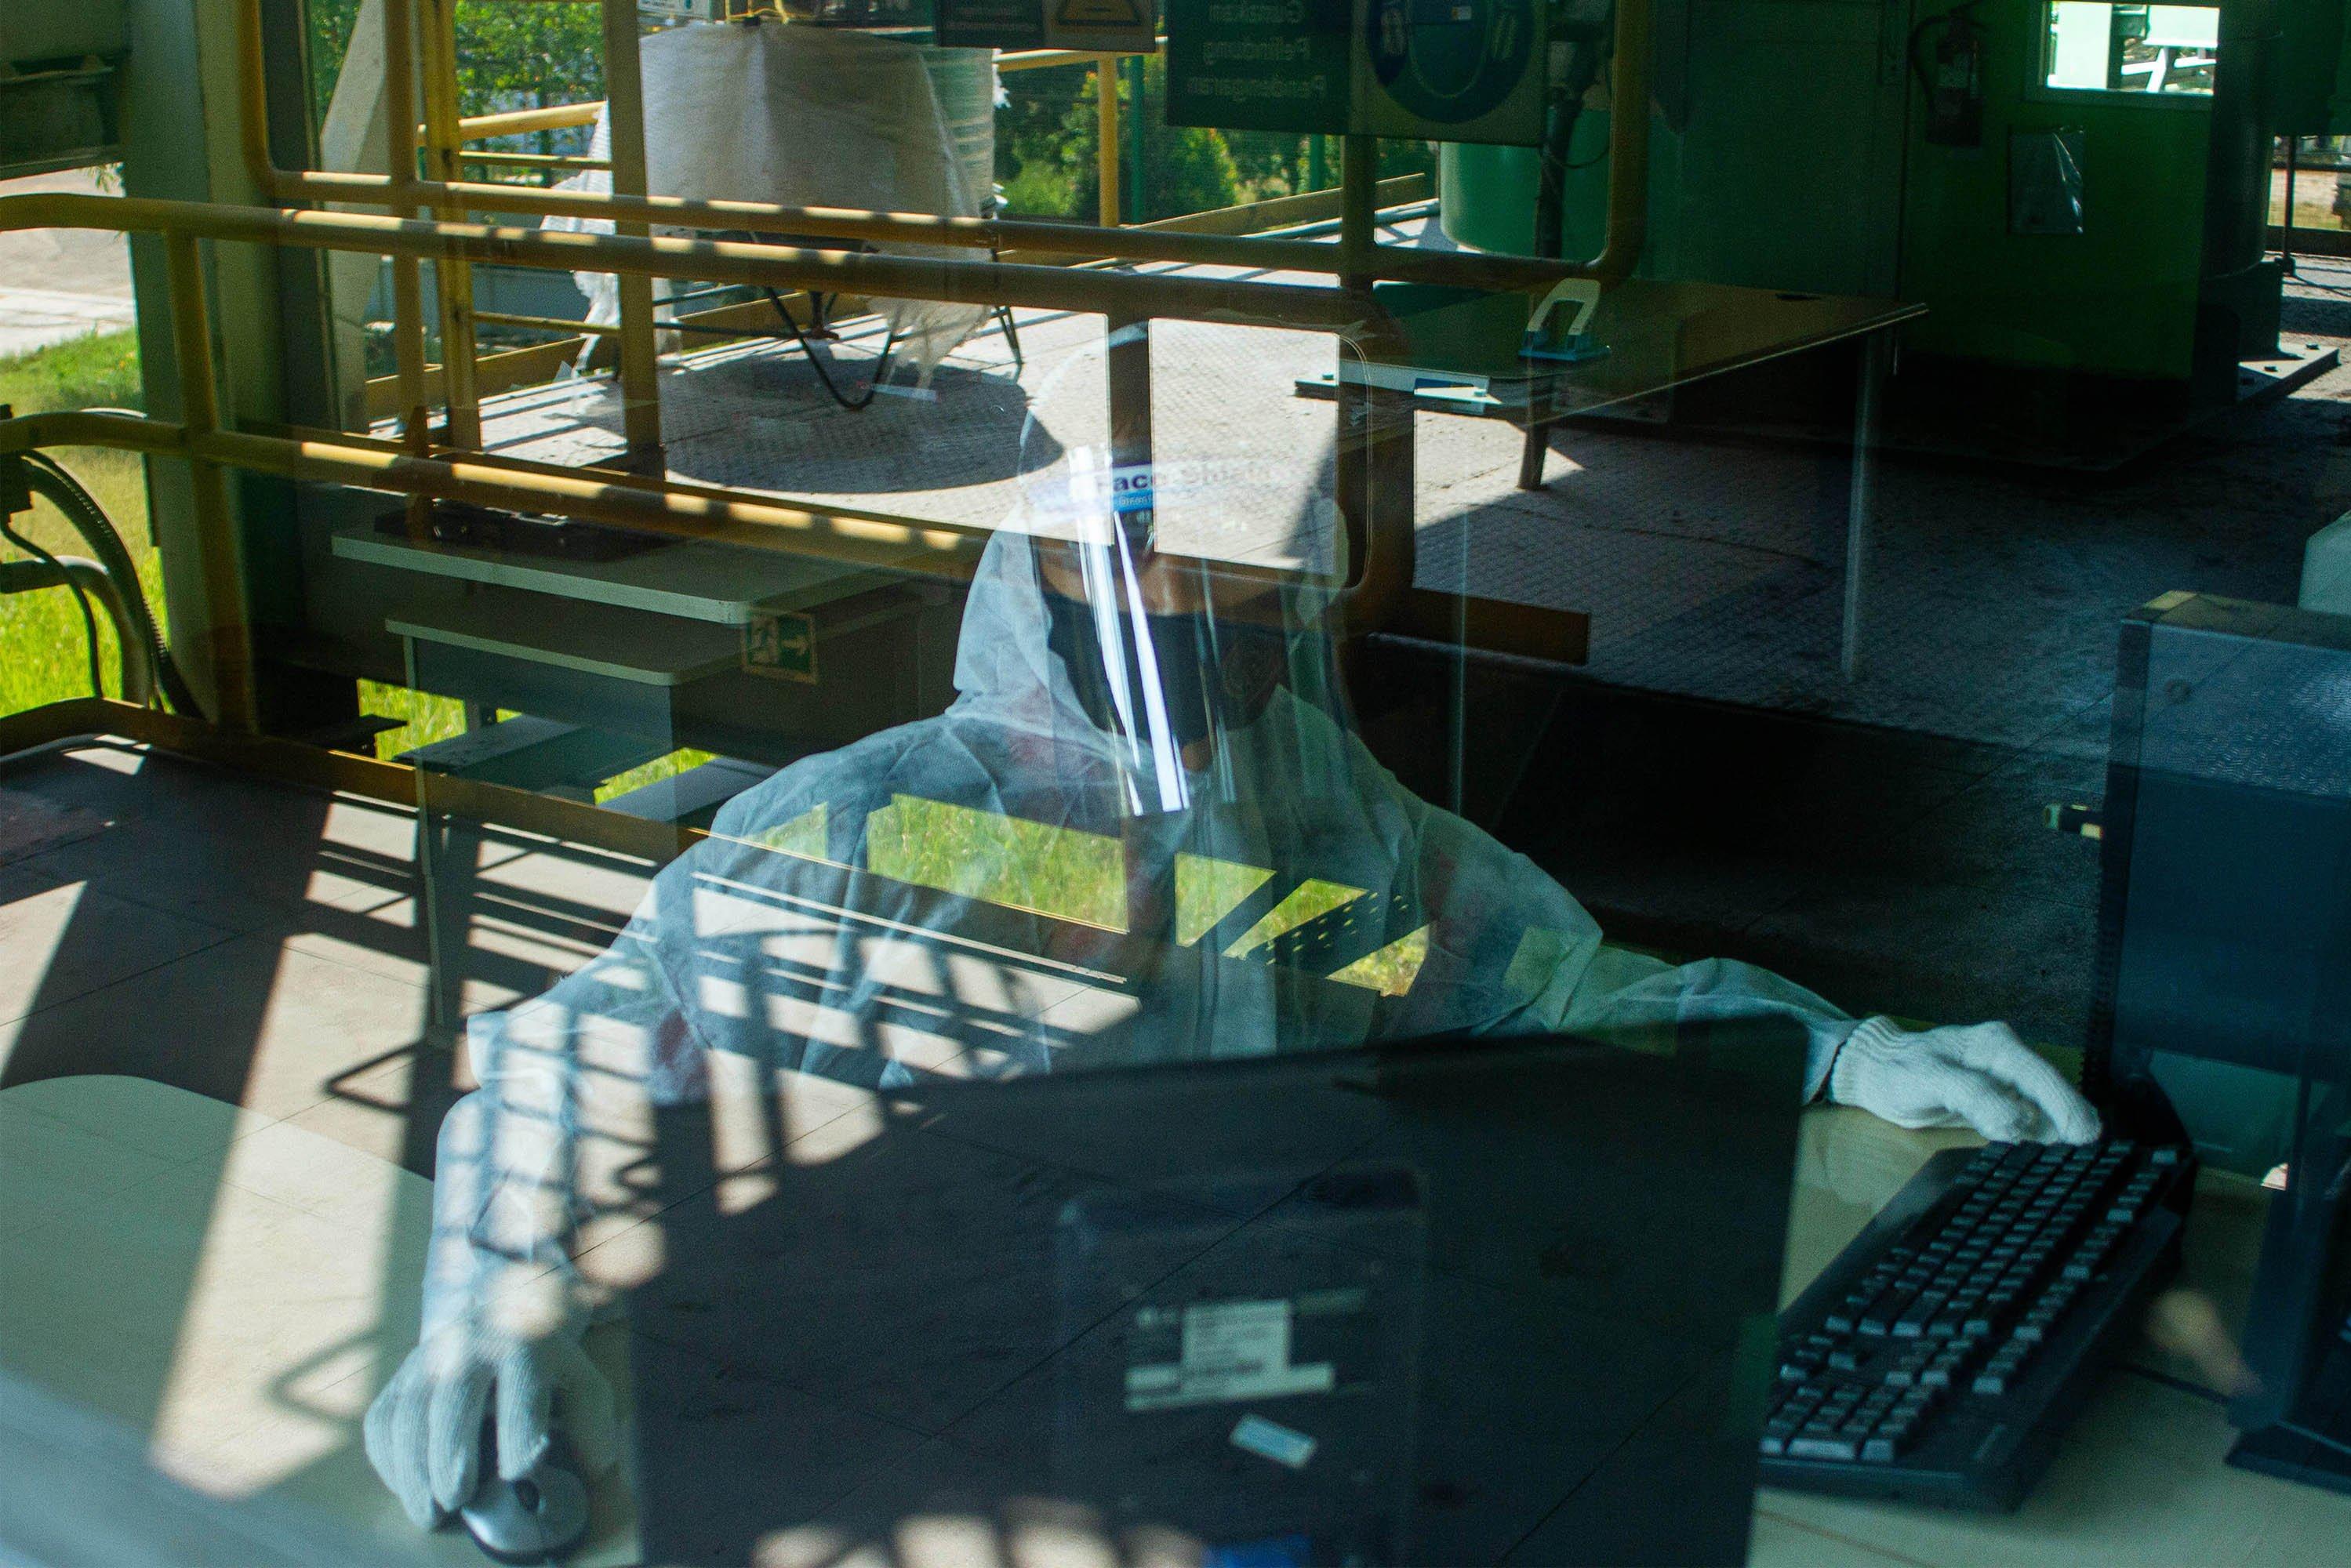 Petugas memeriksa fungsi sistem kerja mesin Incinerator untuk pembakaran limbah infeksius di PT Jasa Medivest, Plant Dawuan, Karawang, Jawa Barat.